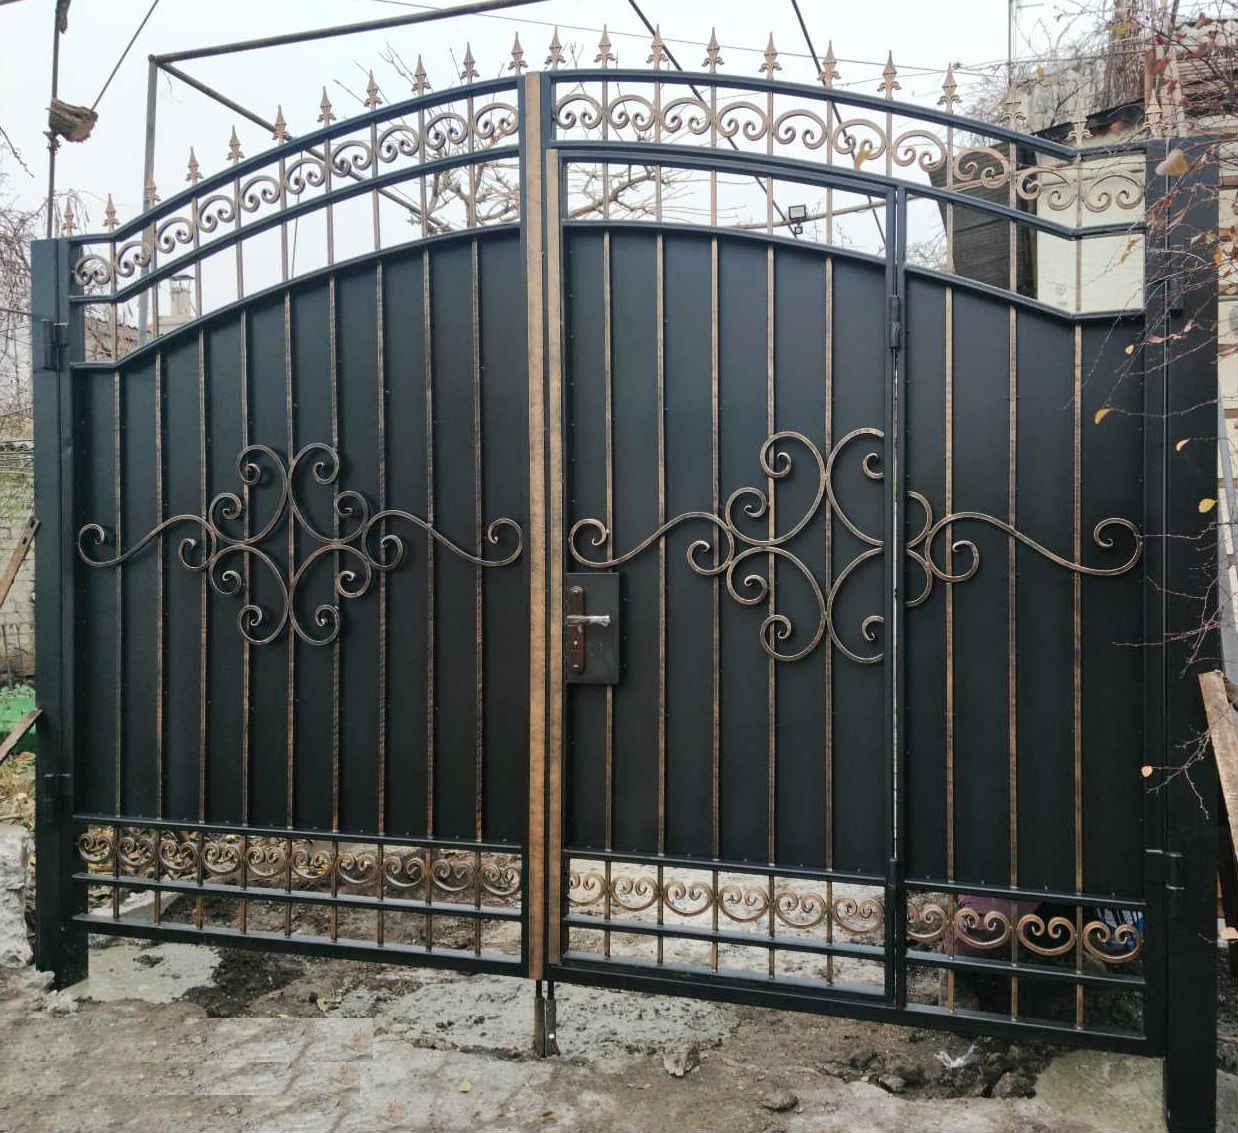 откатные ворота одесса, глухие ворота одесса, ворота из металла одесса, металлические ворота одесса, кованые ворота одесса, сварные ворота одесса, ворота одесса, гаражные ворота одесса, ворота из профнастила одесса, ажурные ворота одесса, откатные ворота, глухие ворота, ворота из металла, металлические ворота, кованые ворота, сварные ворота, ворота, гаражные ворота, ворота из профнастила, ажурные ворота, откатные ворота украина, глухие ворота украина, ворота из металла украина, металлические ворота украина, кованые ворота украина, сварные ворота украина, ворота украина, гаражные ворота украина, ворота из профнастила украина, ажурные ворота украина, откатные ворота одесса, ворота кованые с калиткой одесса, Ворота Одесса, въездные ворота одесса, распашные ворота одесса, гаражные ворота одесса, ворота на гараж Одесса, глухие ворота одесса, ворота из металла одесса, Ворота из профнастила одесса, металлические ворота одесса, кованые ворота одесса, сварные ворота одесса, простые ворота одесса, красивые ворота одесса, ажурные ворота одесса